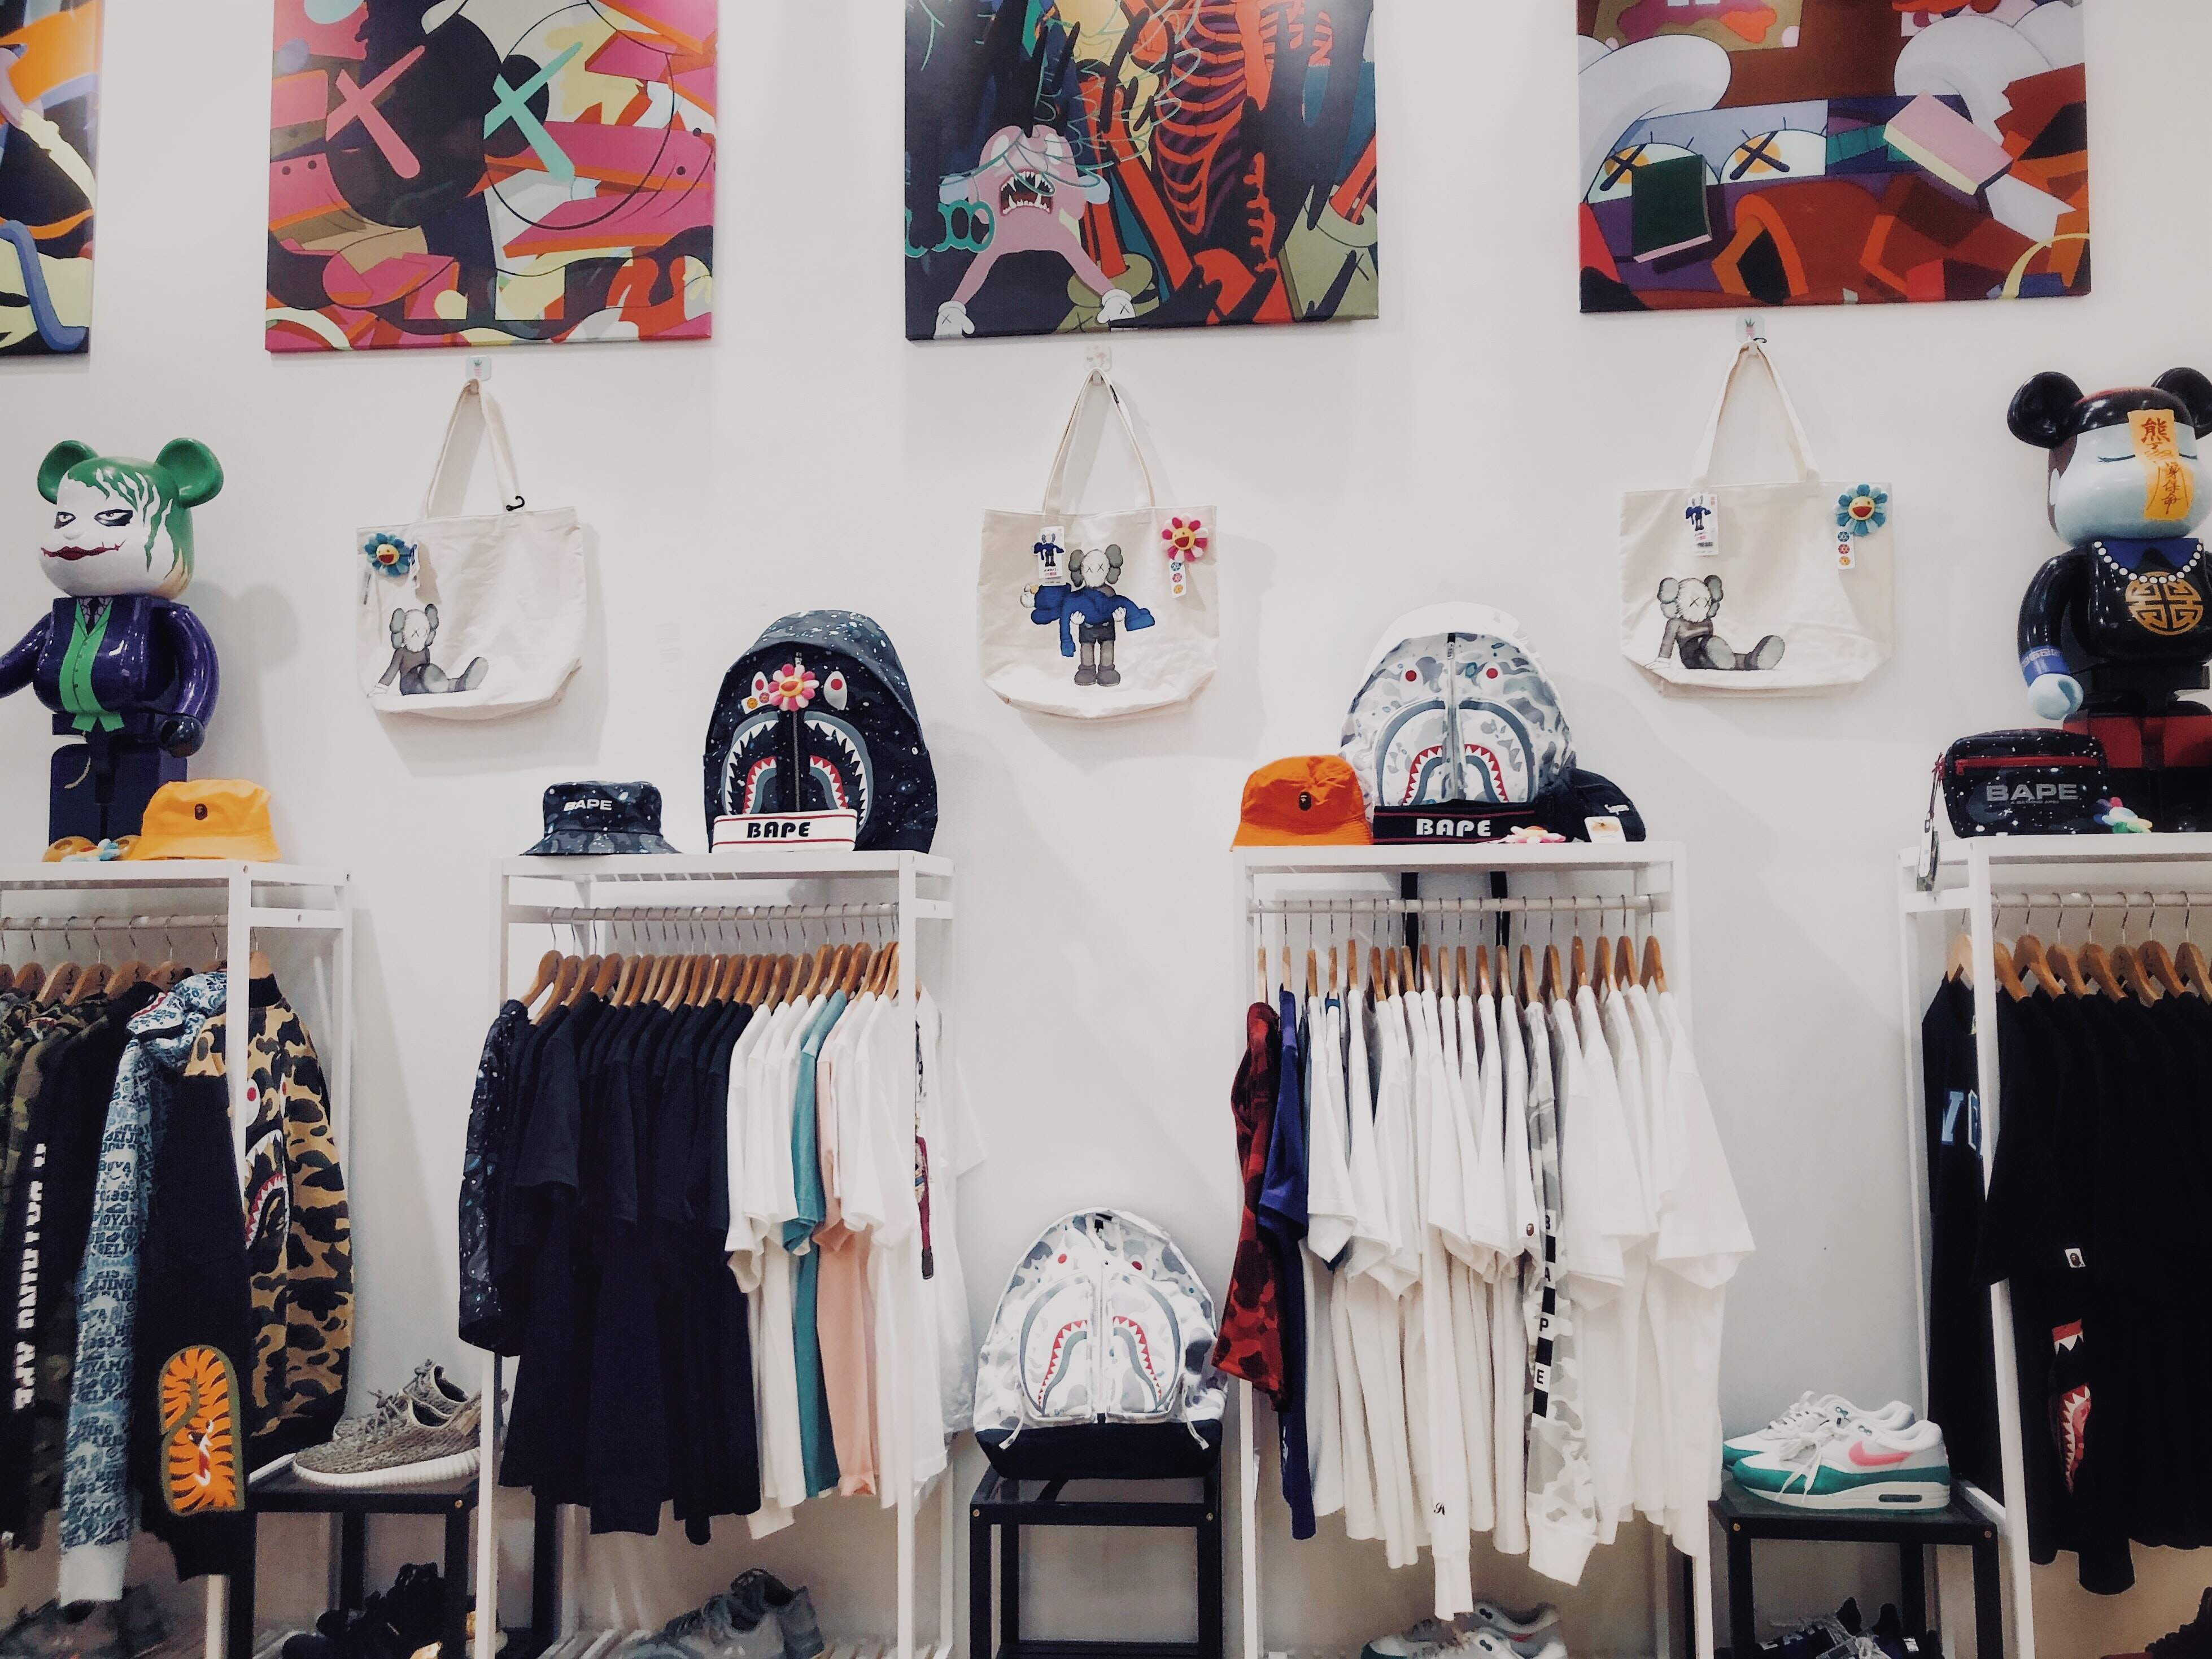 Самой популярной покупкой среди подростков будет одежда